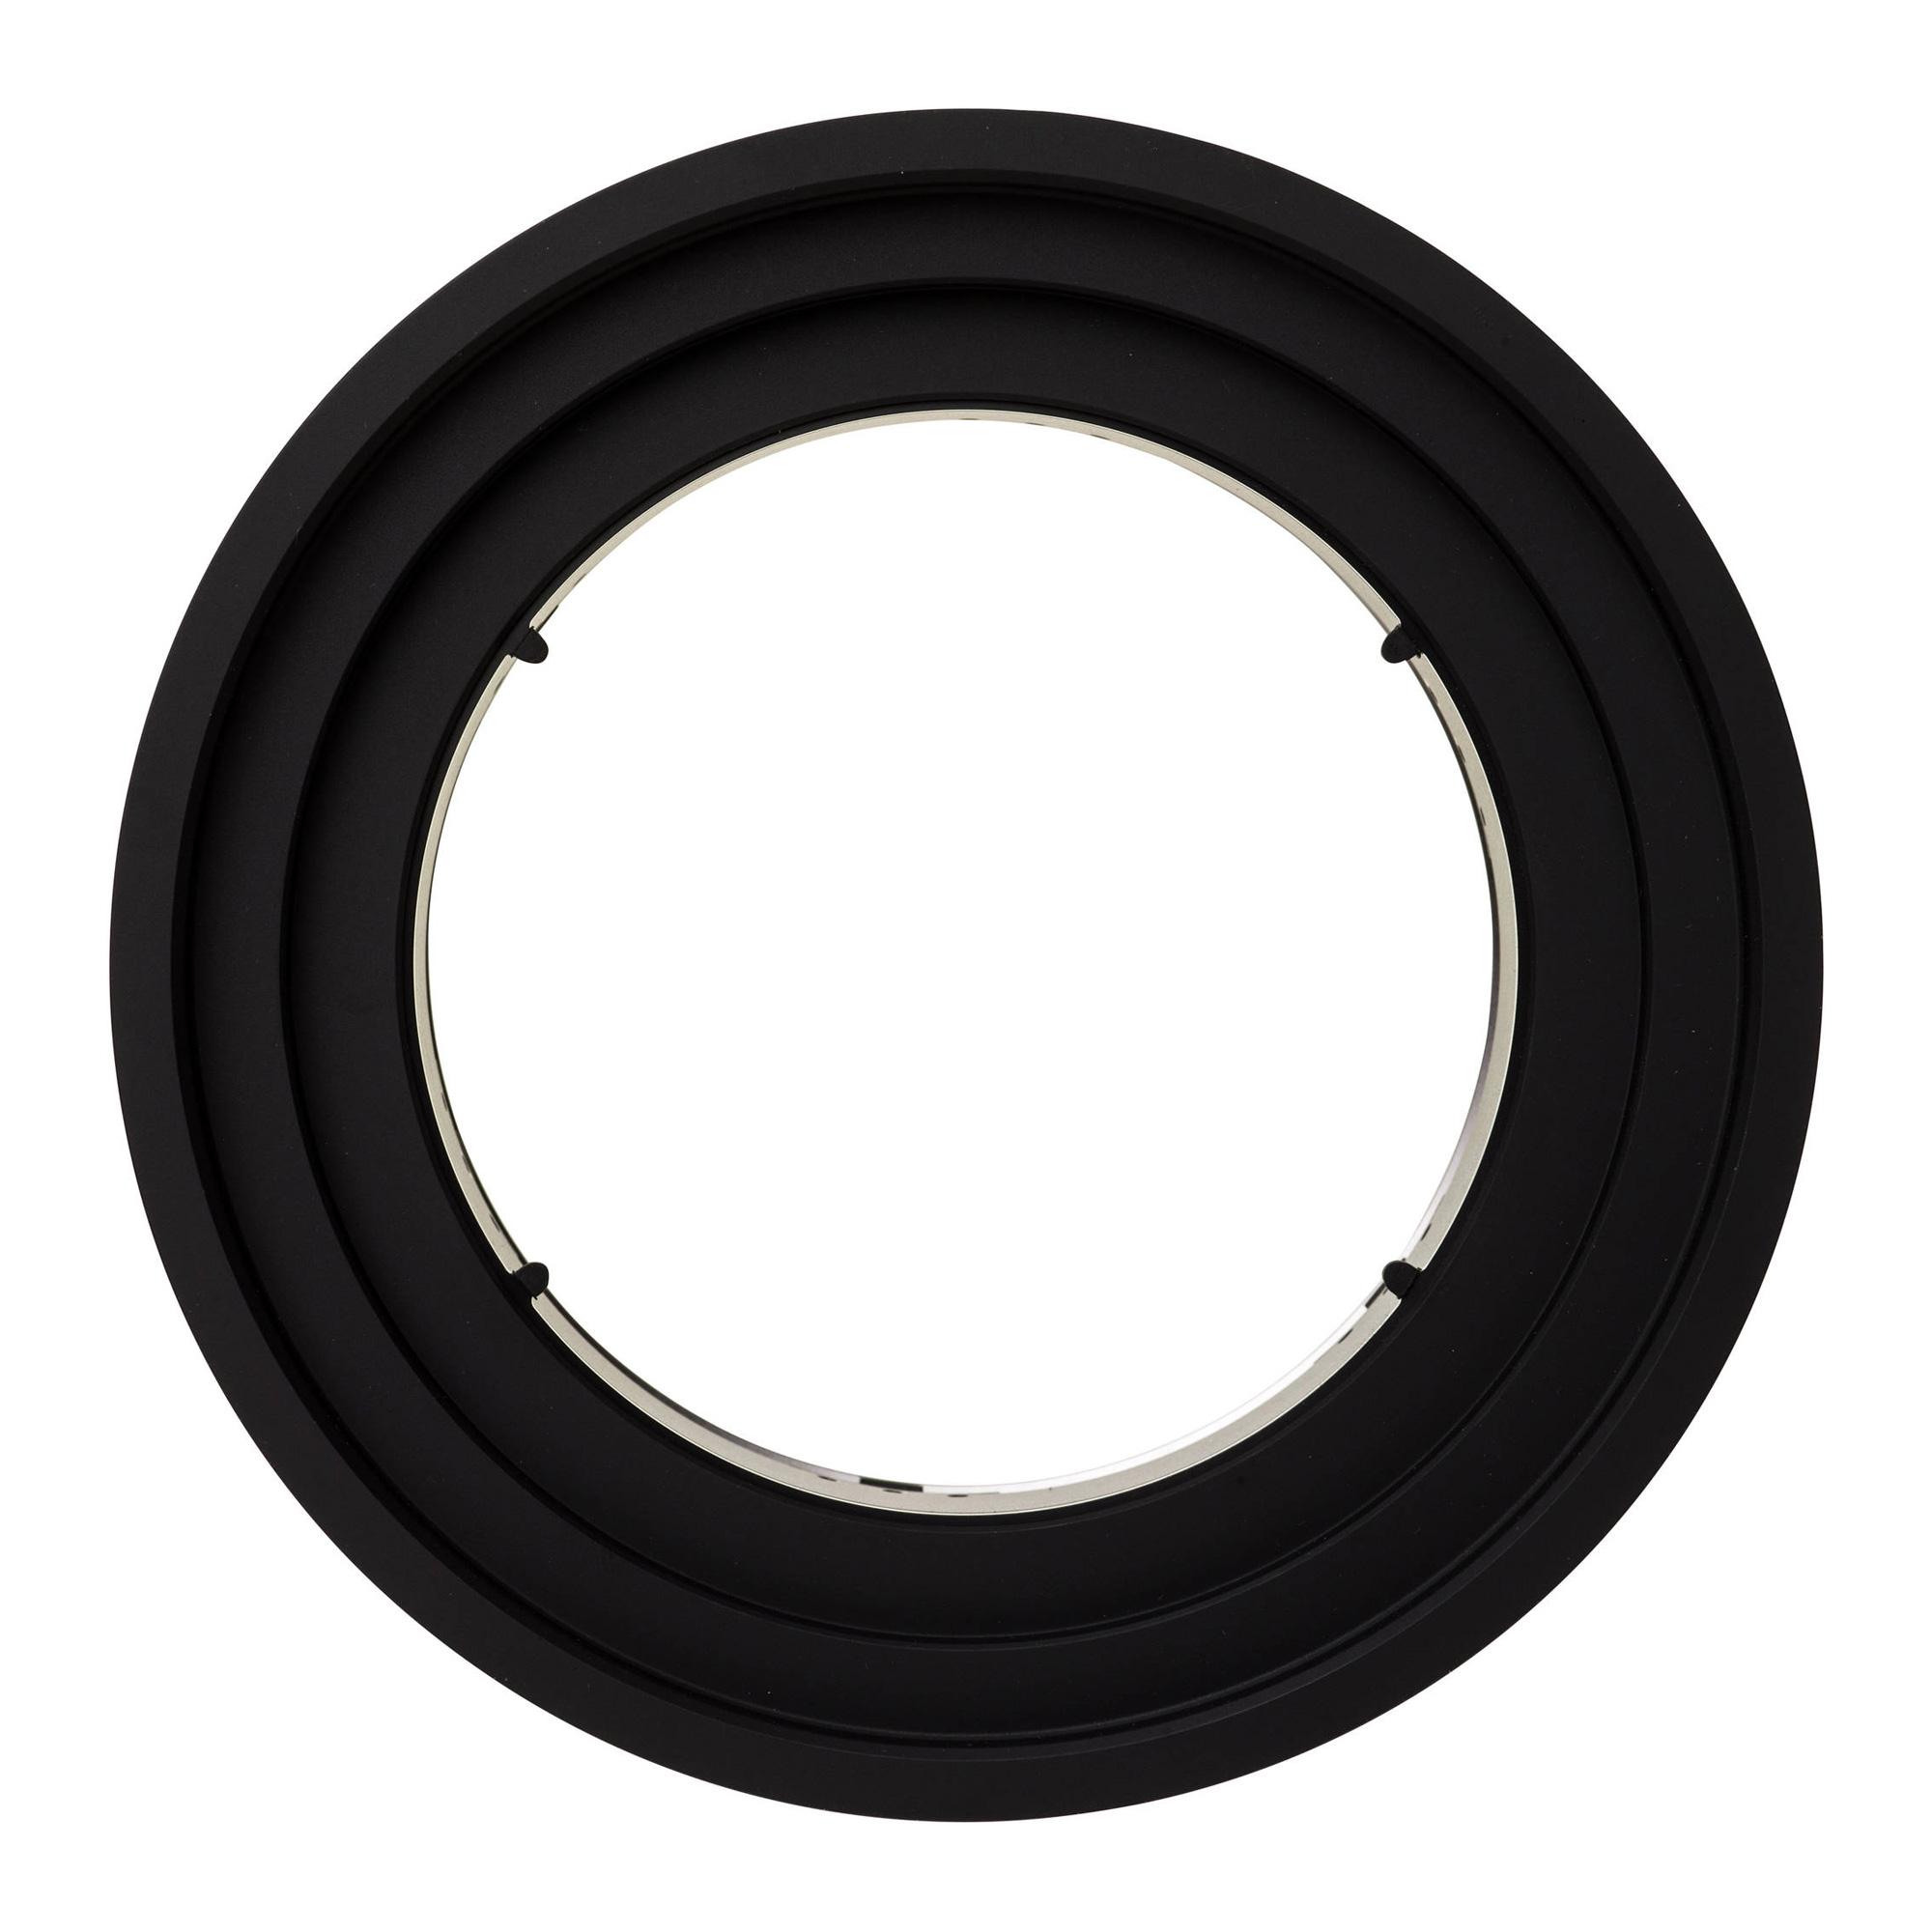 150mm Professional Filter Holder Lens Ring for Nikon 14-24mm f/2.8 ED AF-S Lens